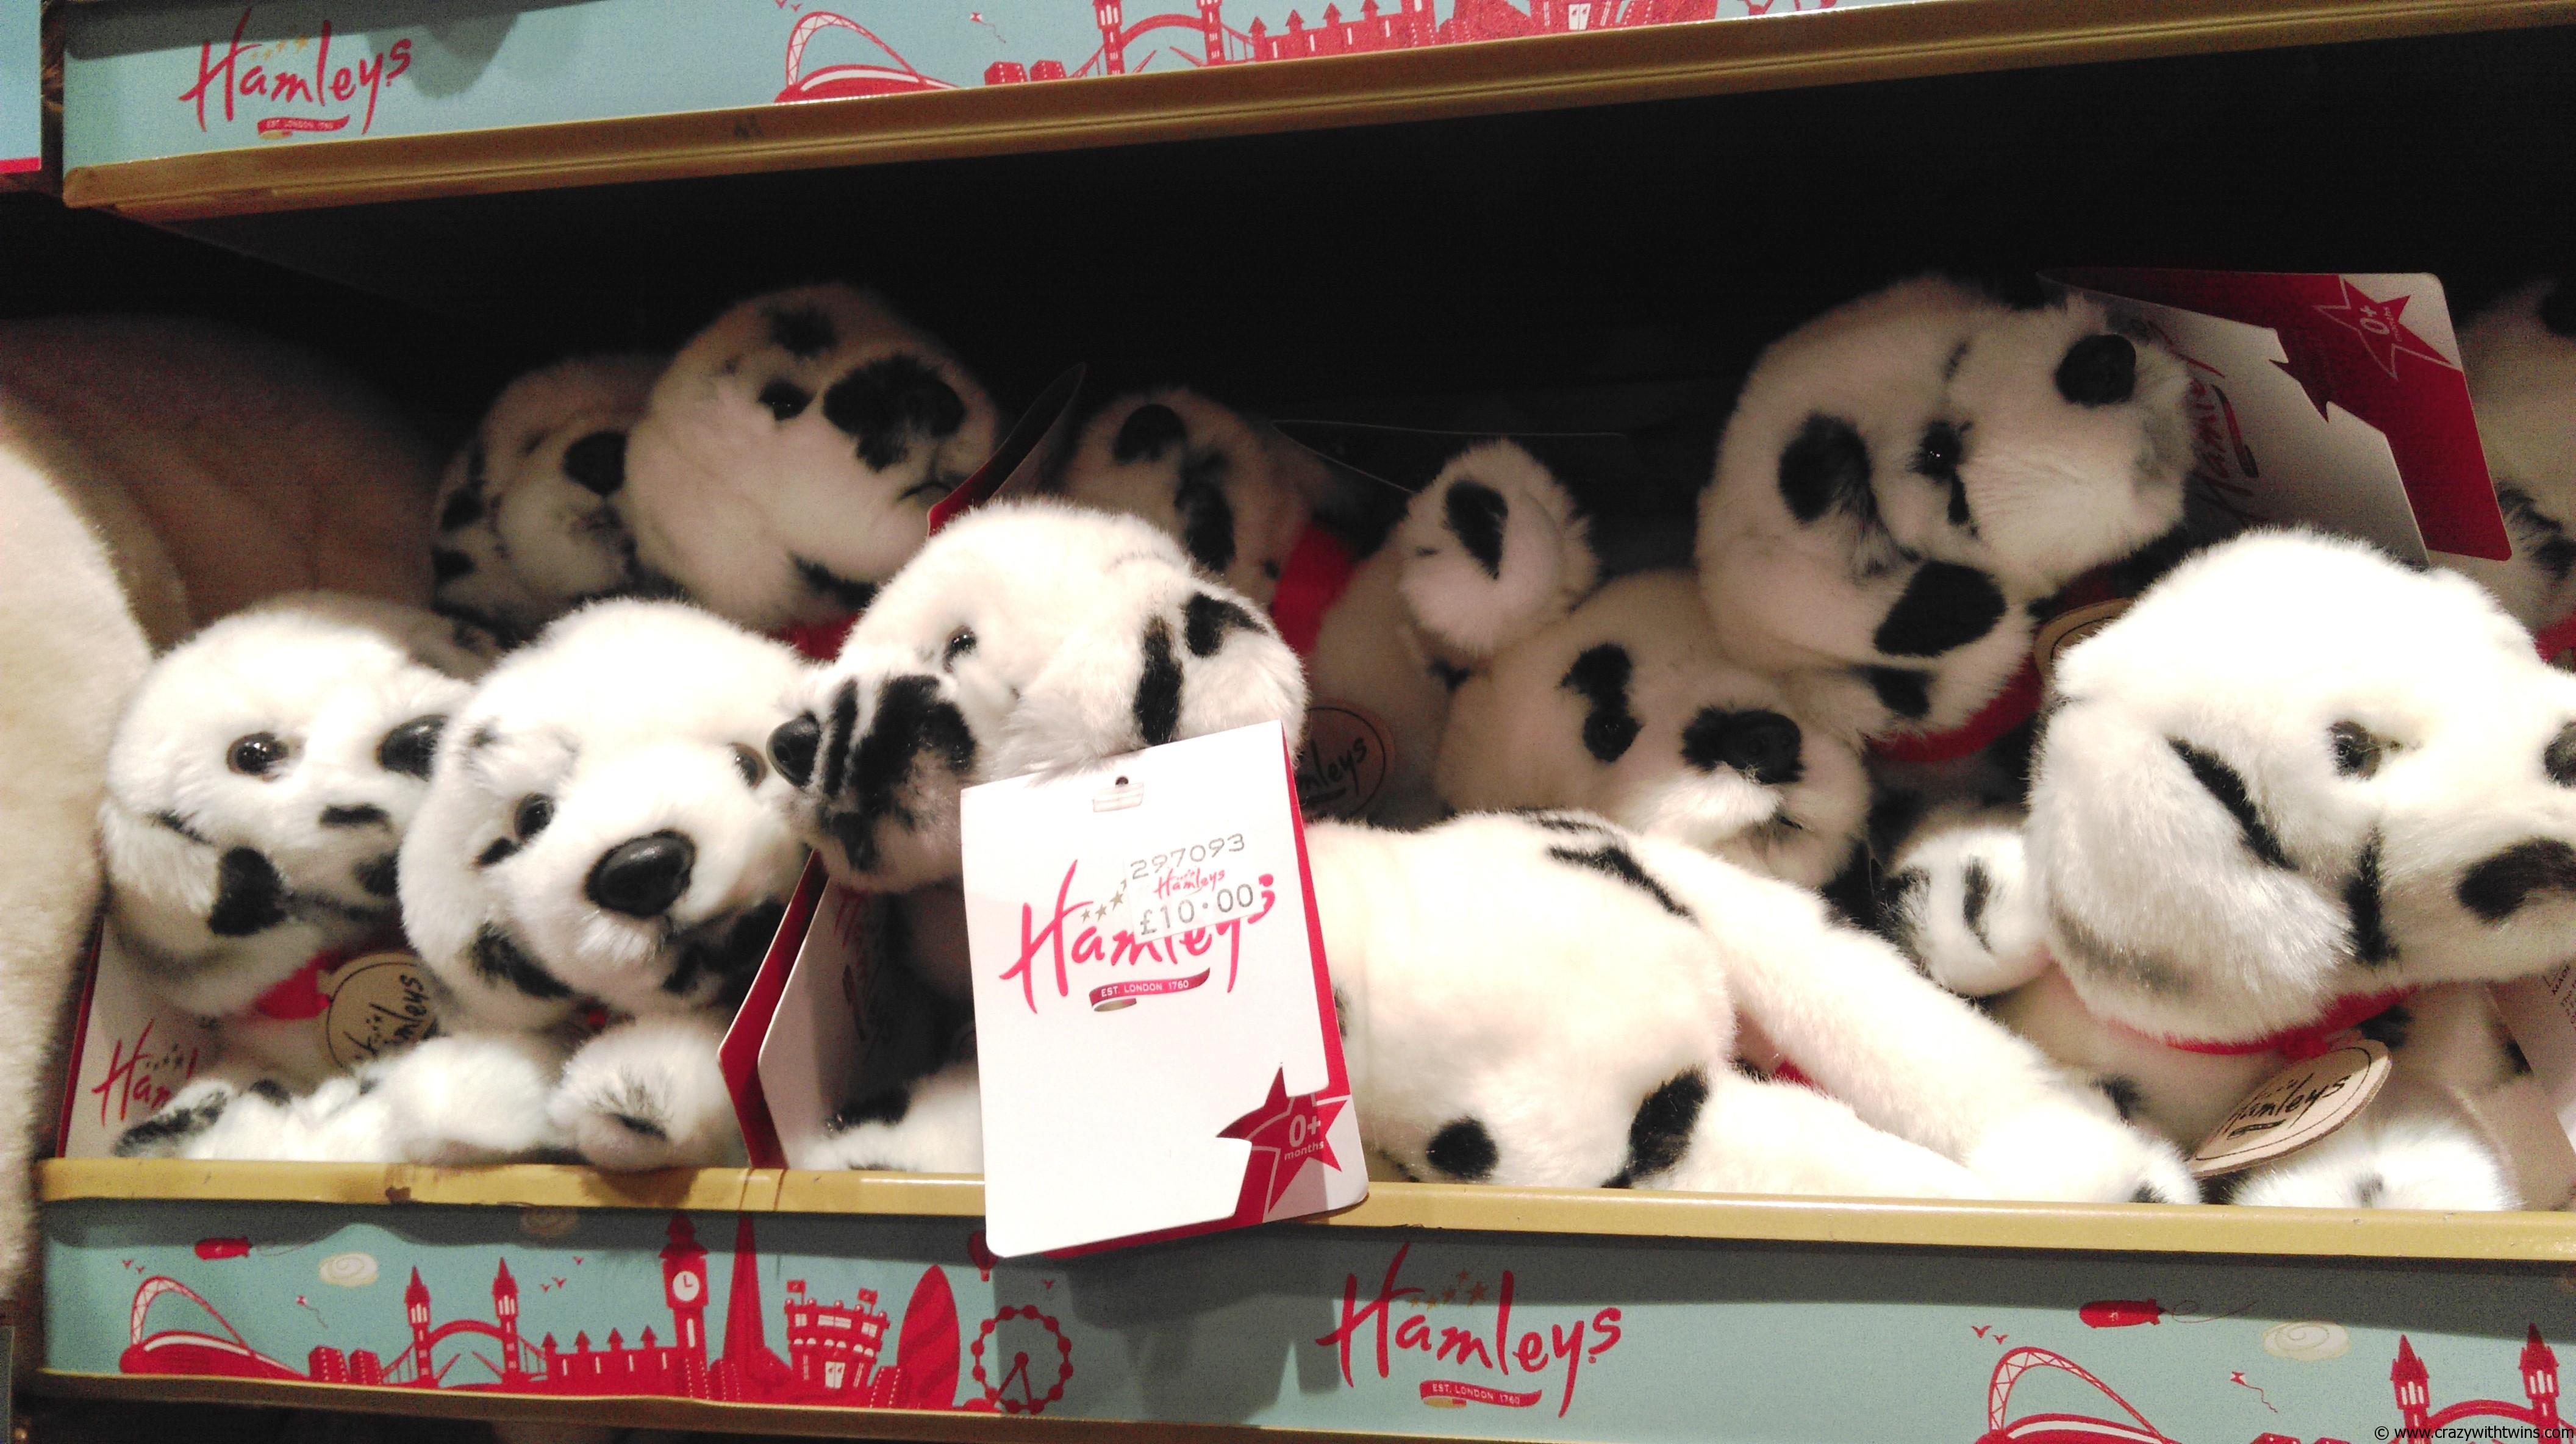 Dalmatian toys in Hamleys